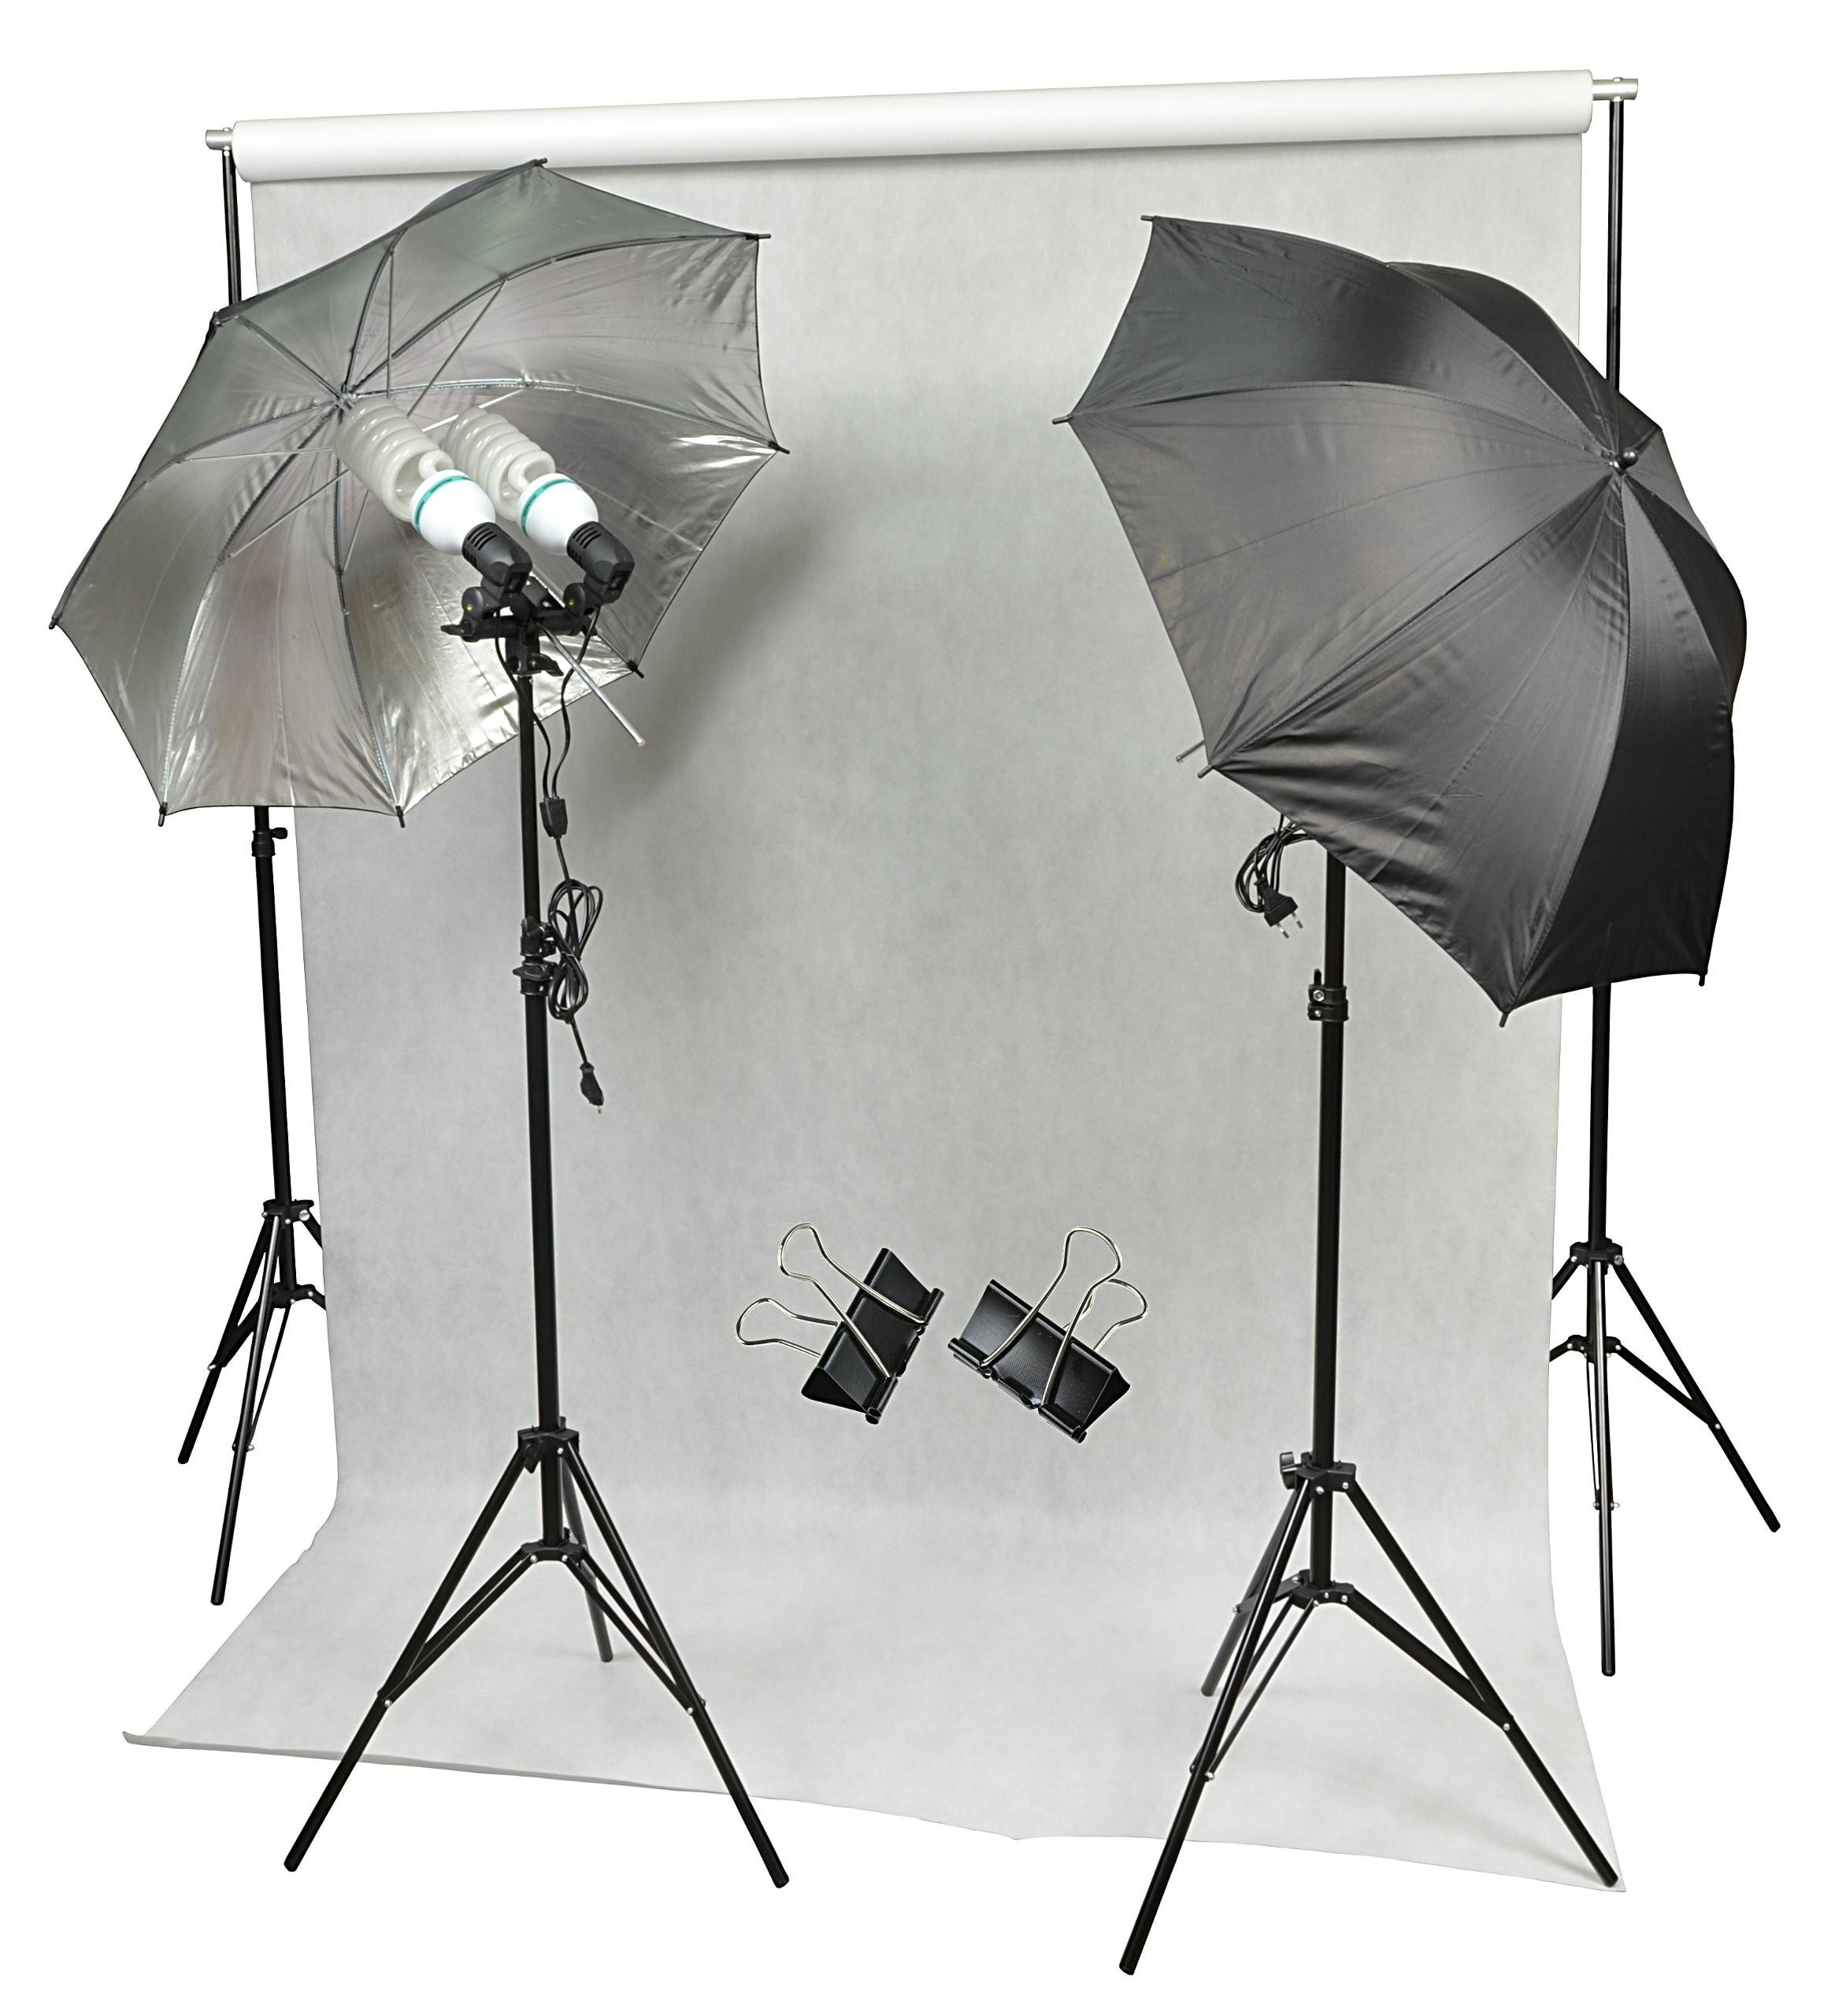 Zestaw Domowe Studio 4x125w Tło Fotograficzne Sklep Fotograficzny Inbest Akcesoria Foto Video